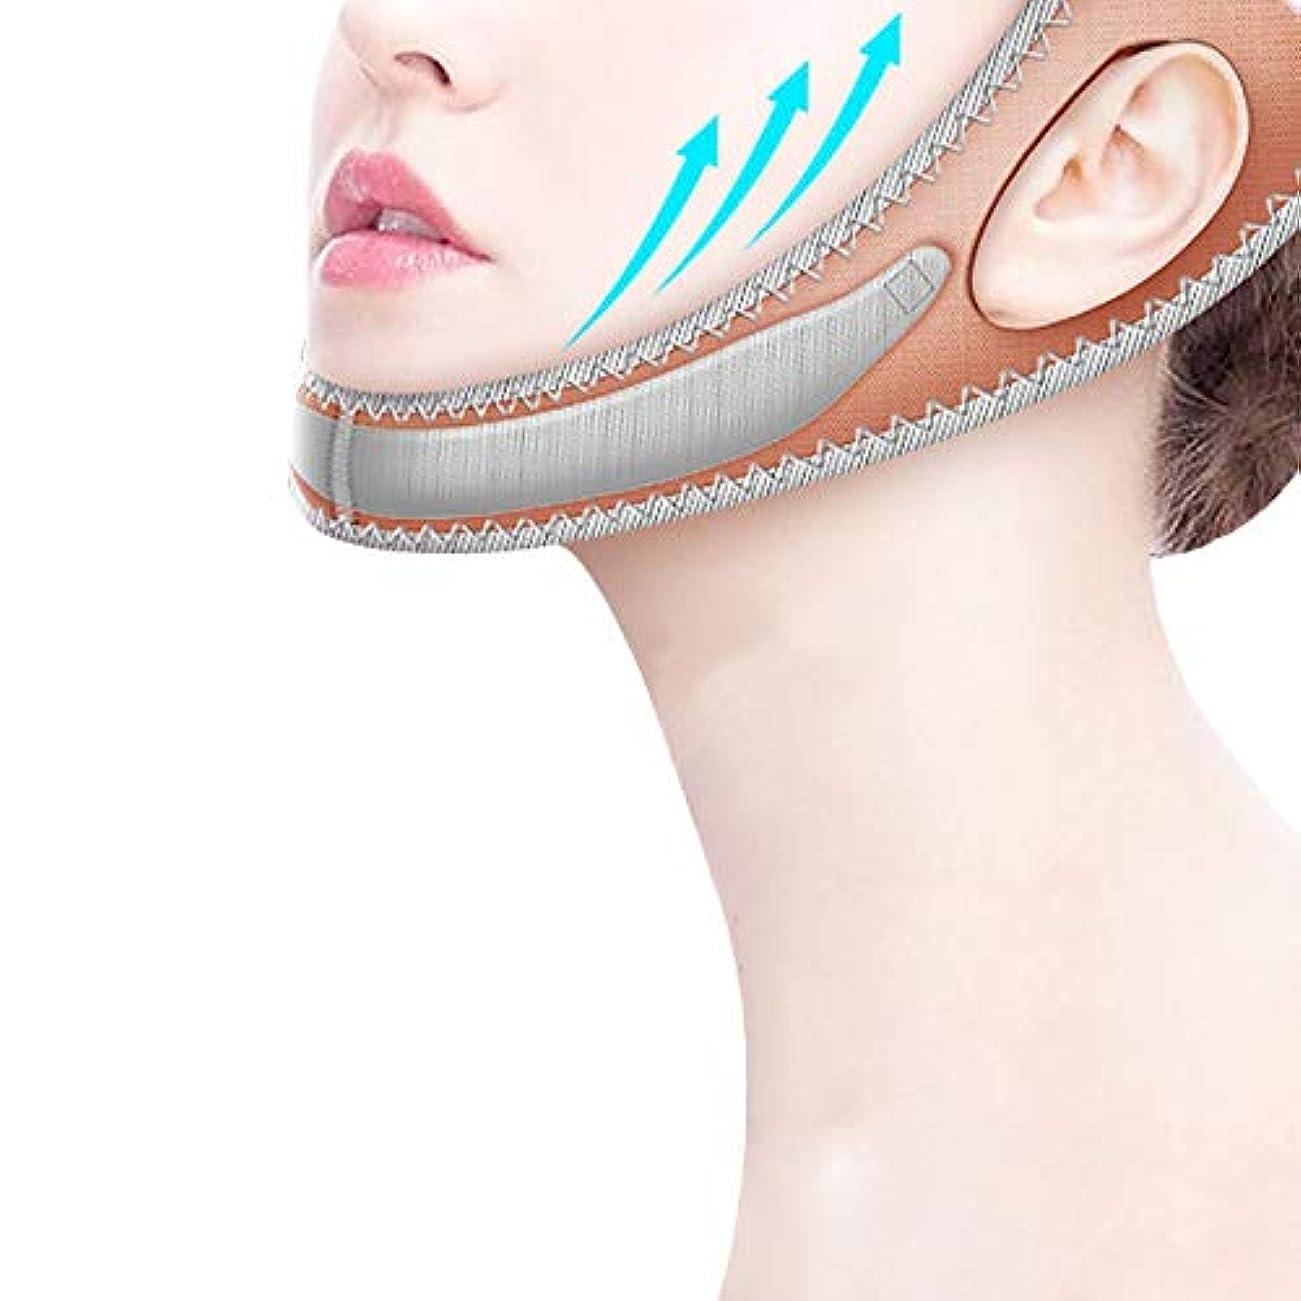 舗装する引用ロマンチック二重あごのプラスチック面の人工物の器械の美顔術のマッサージャーの近くで持ち上がる小さいVの表面の器械の包帯のマスクとの睡眠